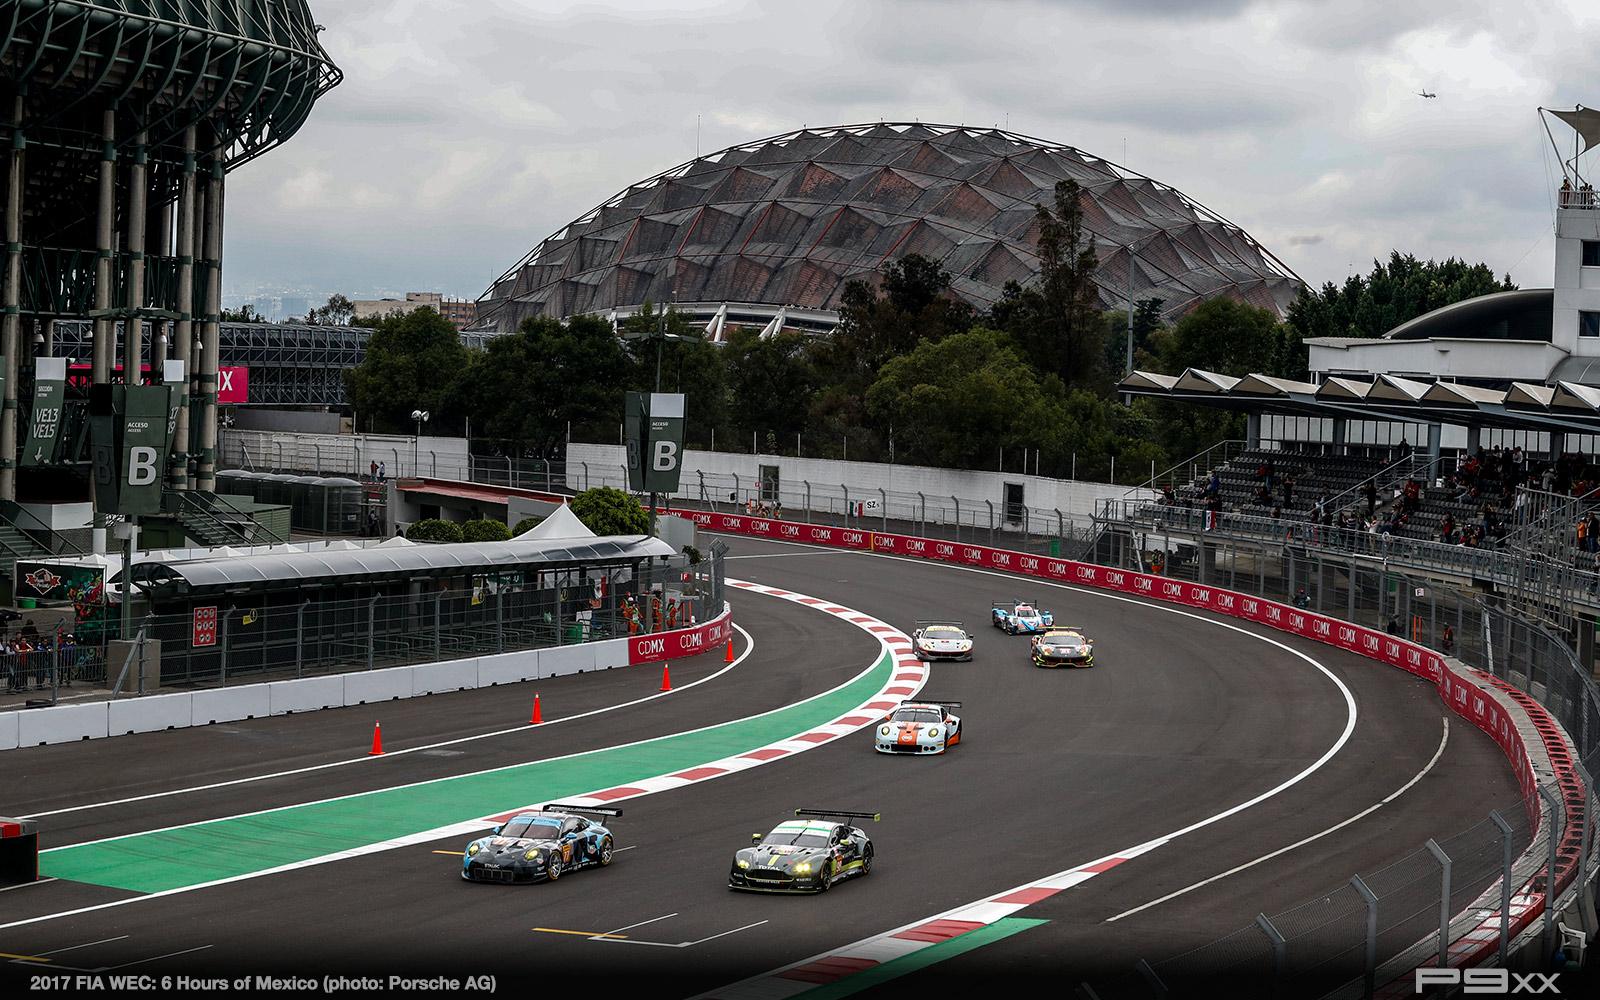 2017-FIA-WEC-6-HOURS-MEXICO-PORSCHE-1340